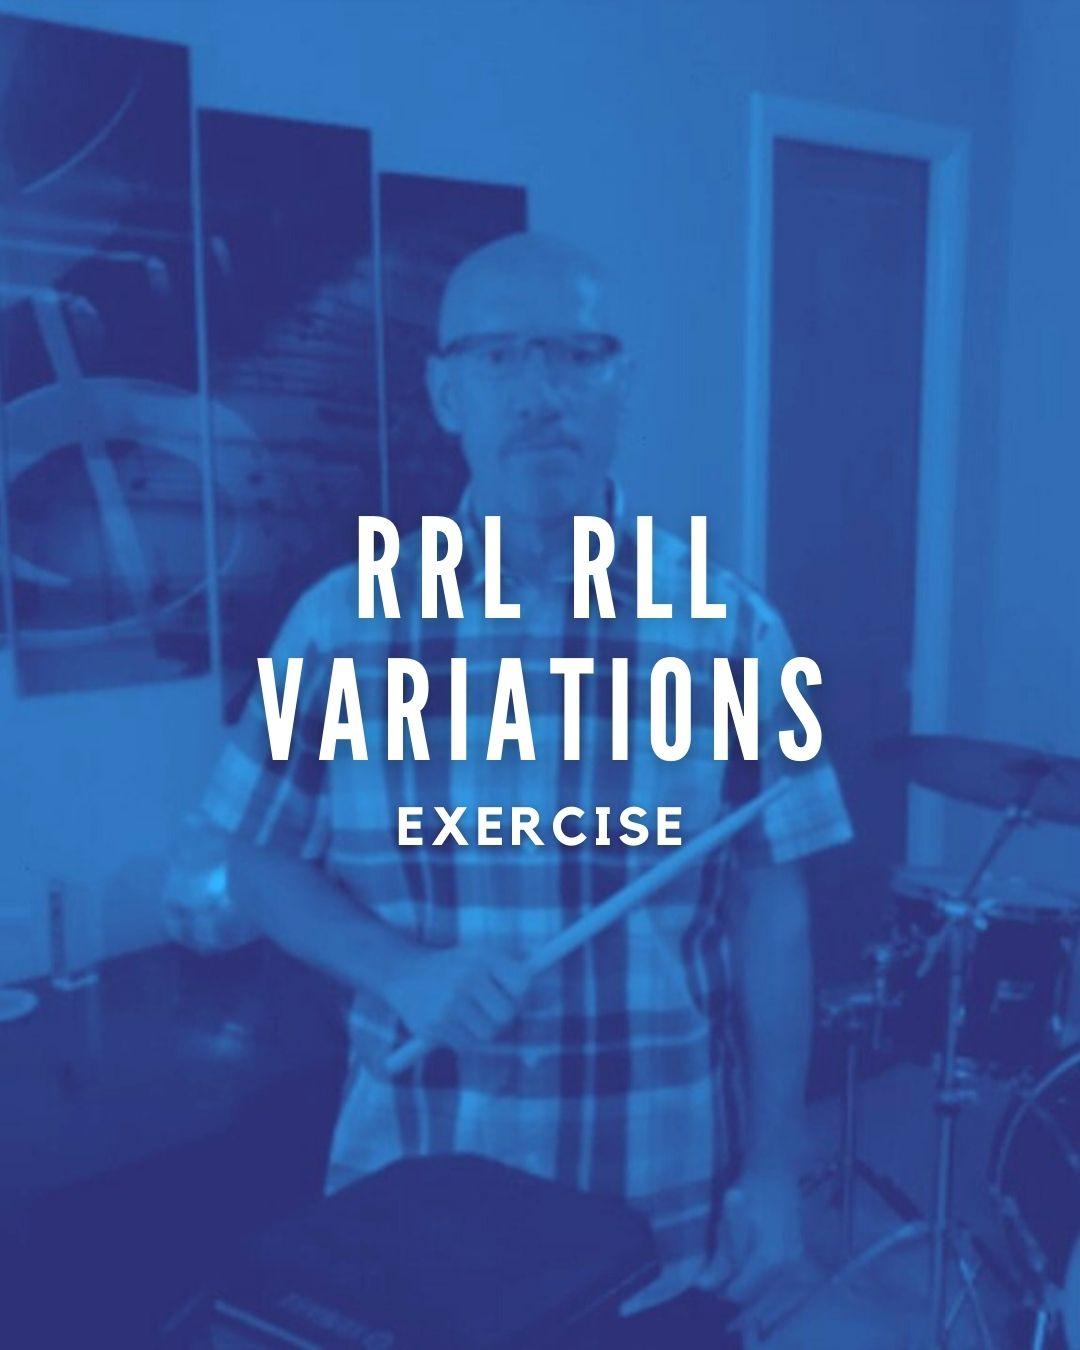 RRL RLL Variations